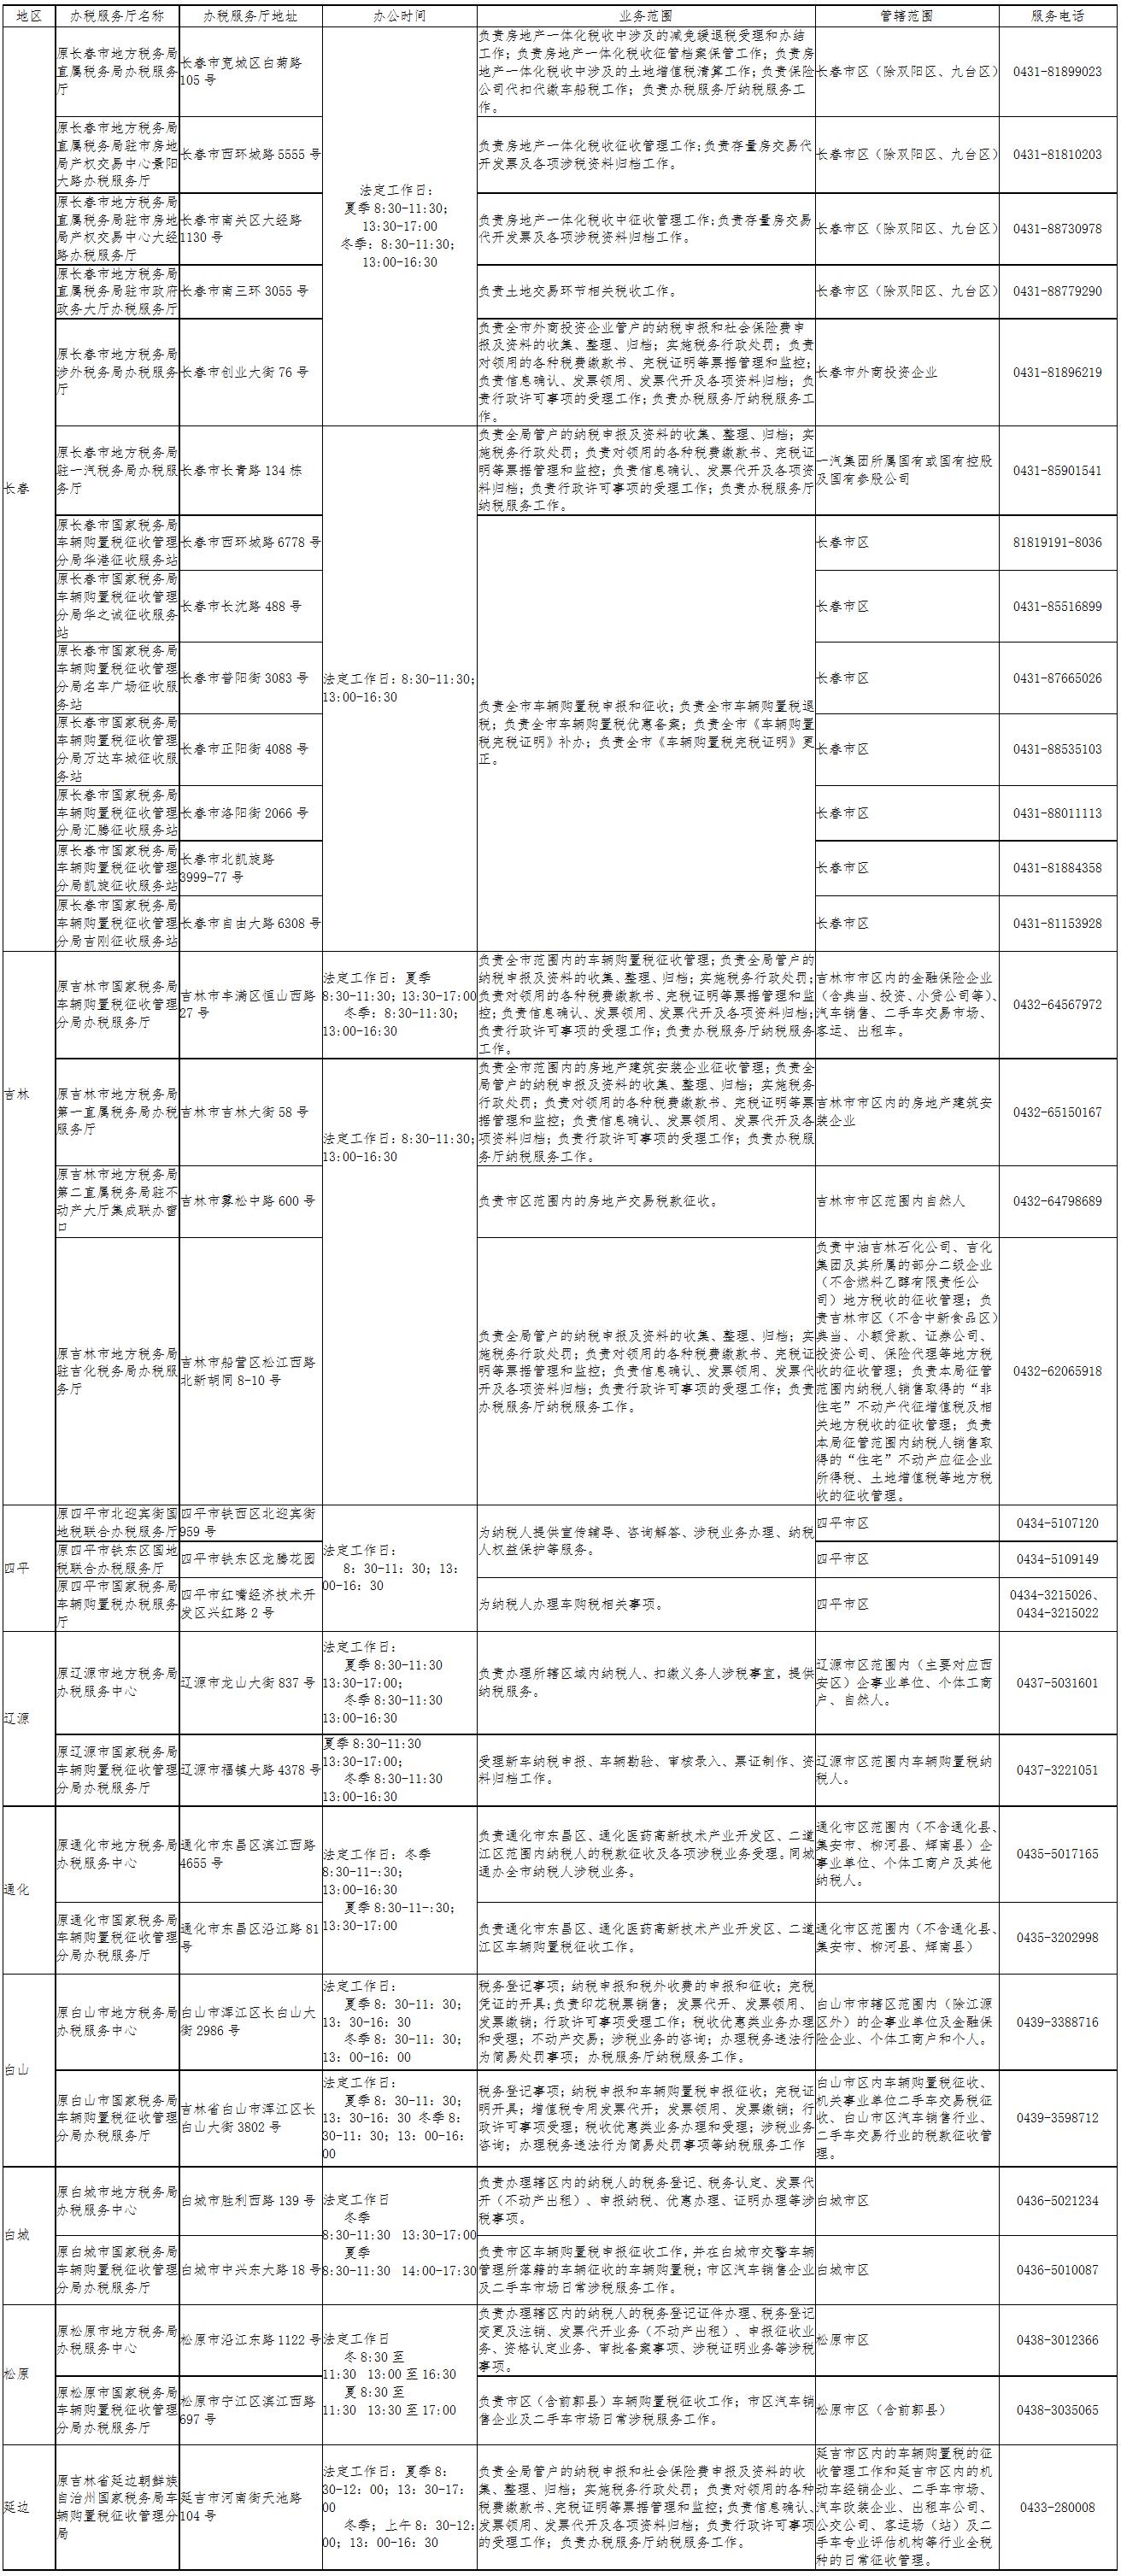 国家税务总局吉林省税务局关于市(州)级办税服务厅信息的公示